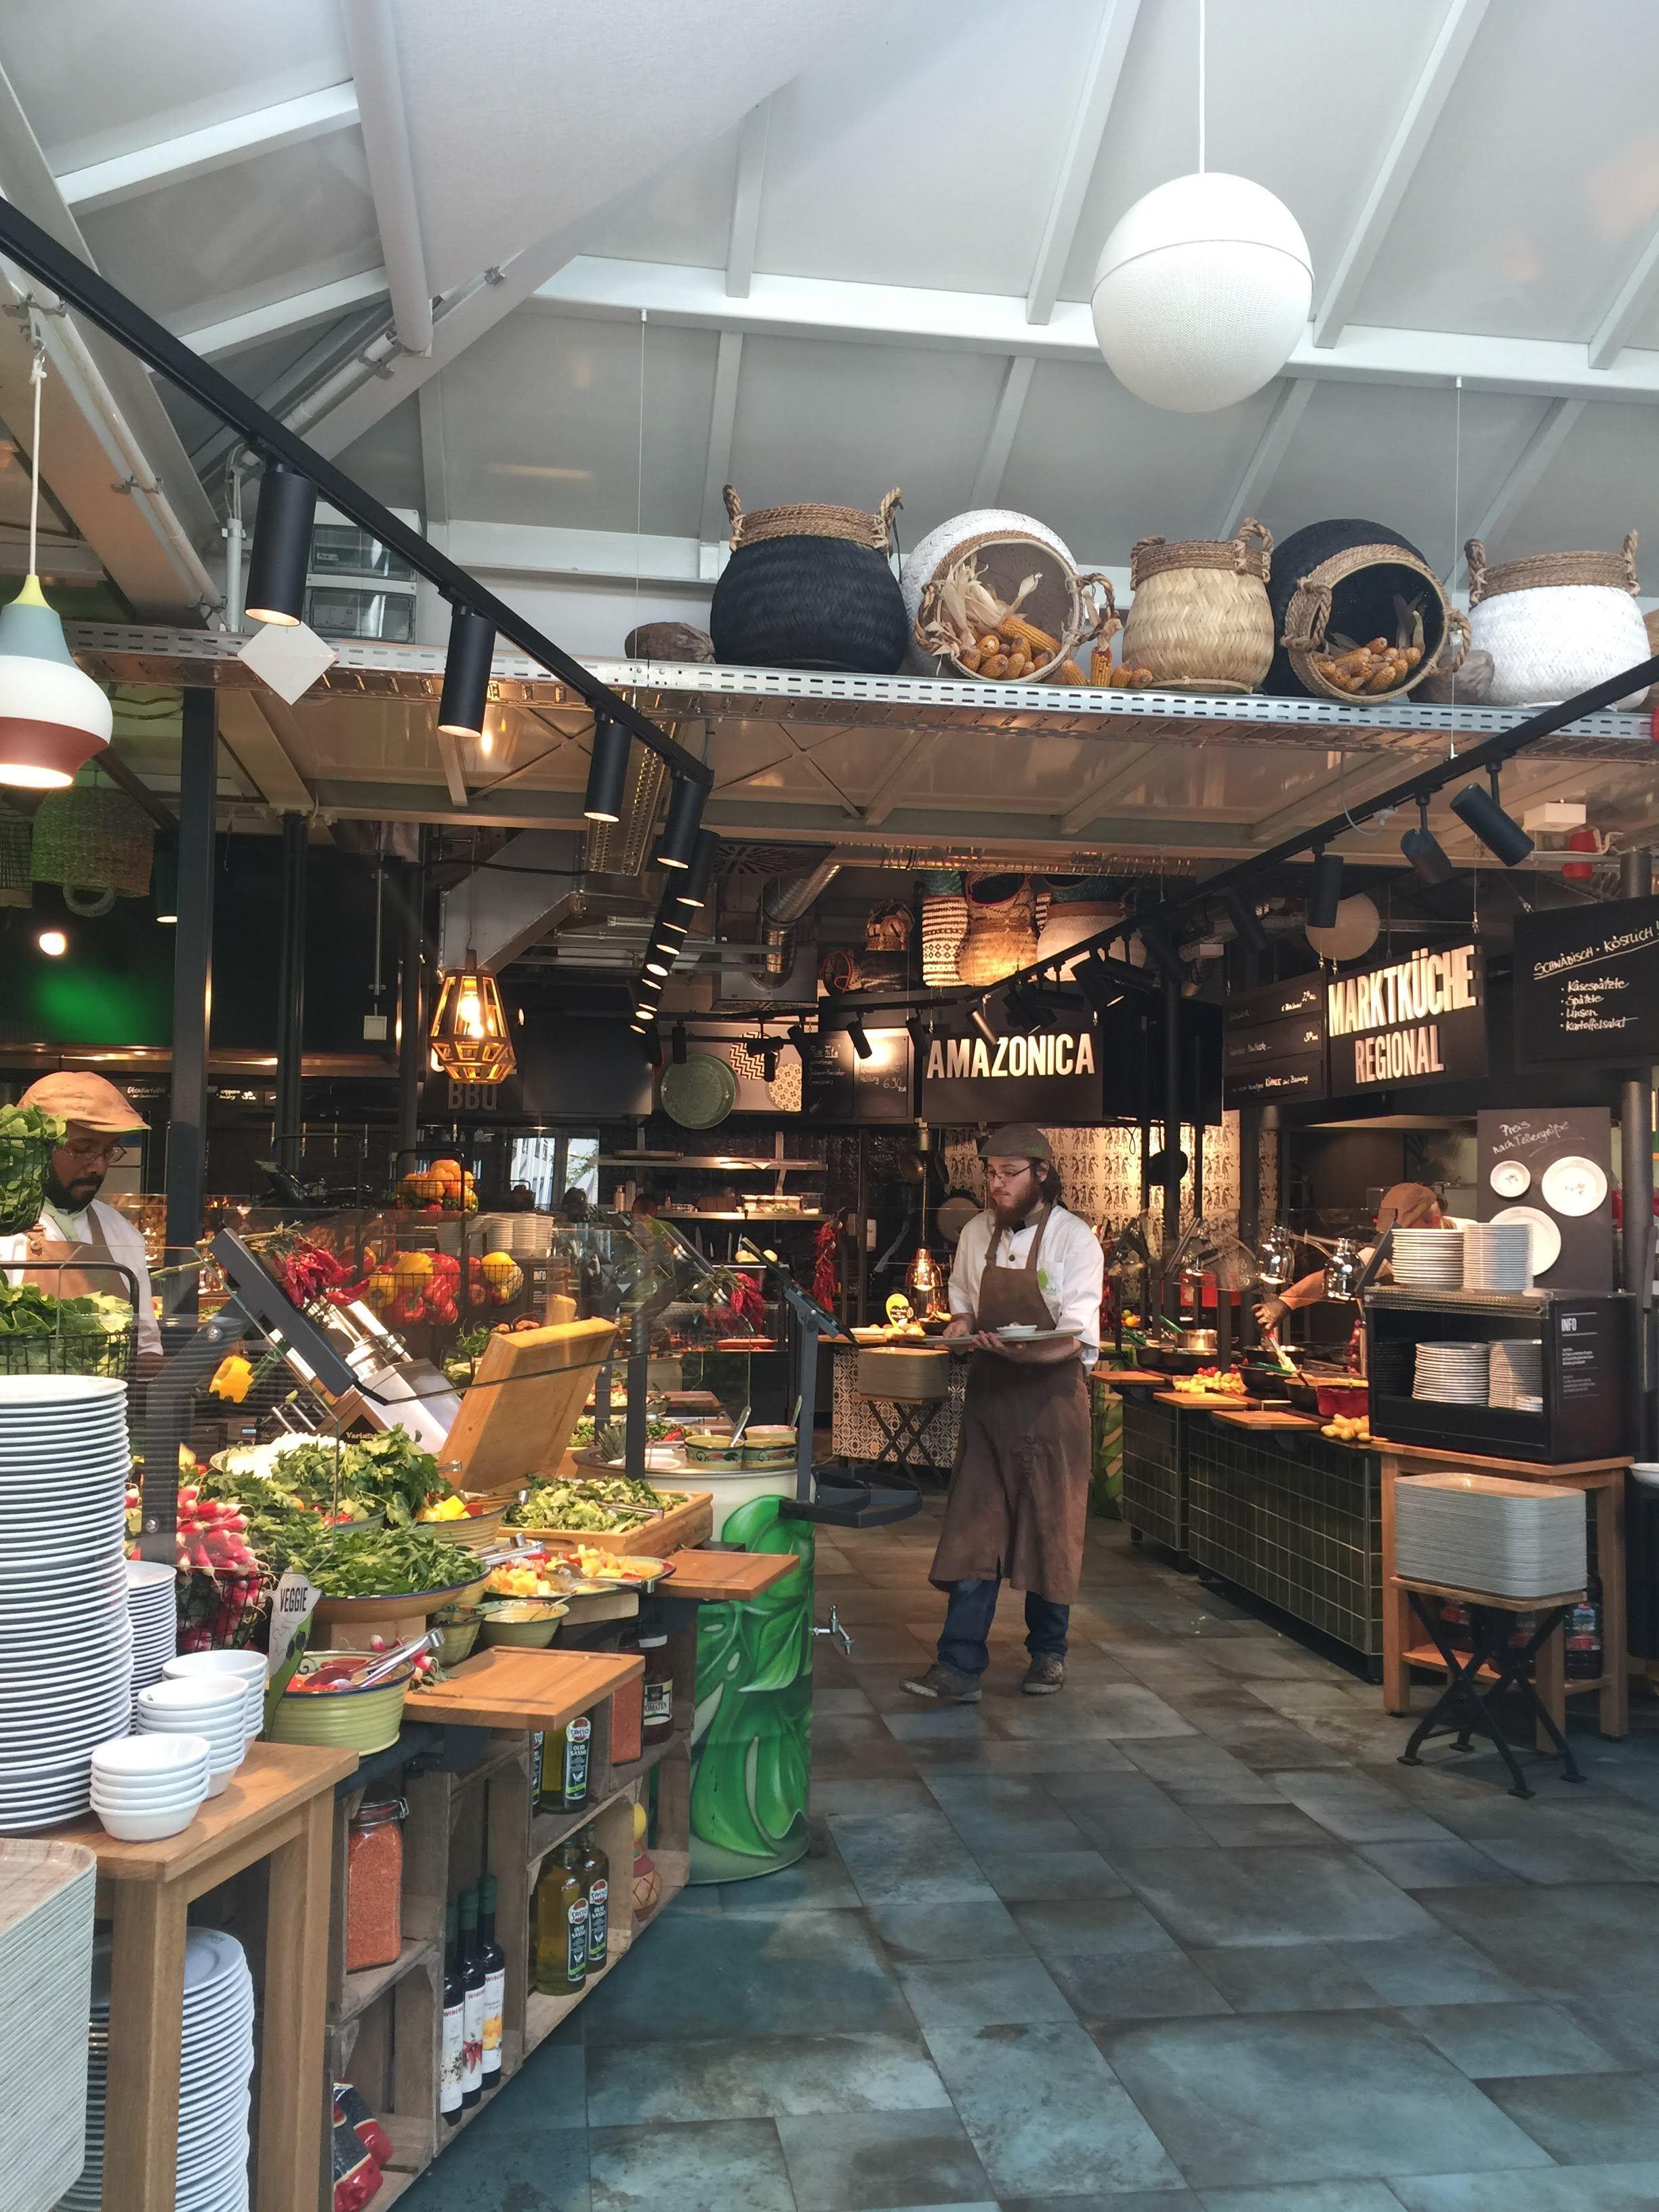 Amazonica (restaurant)